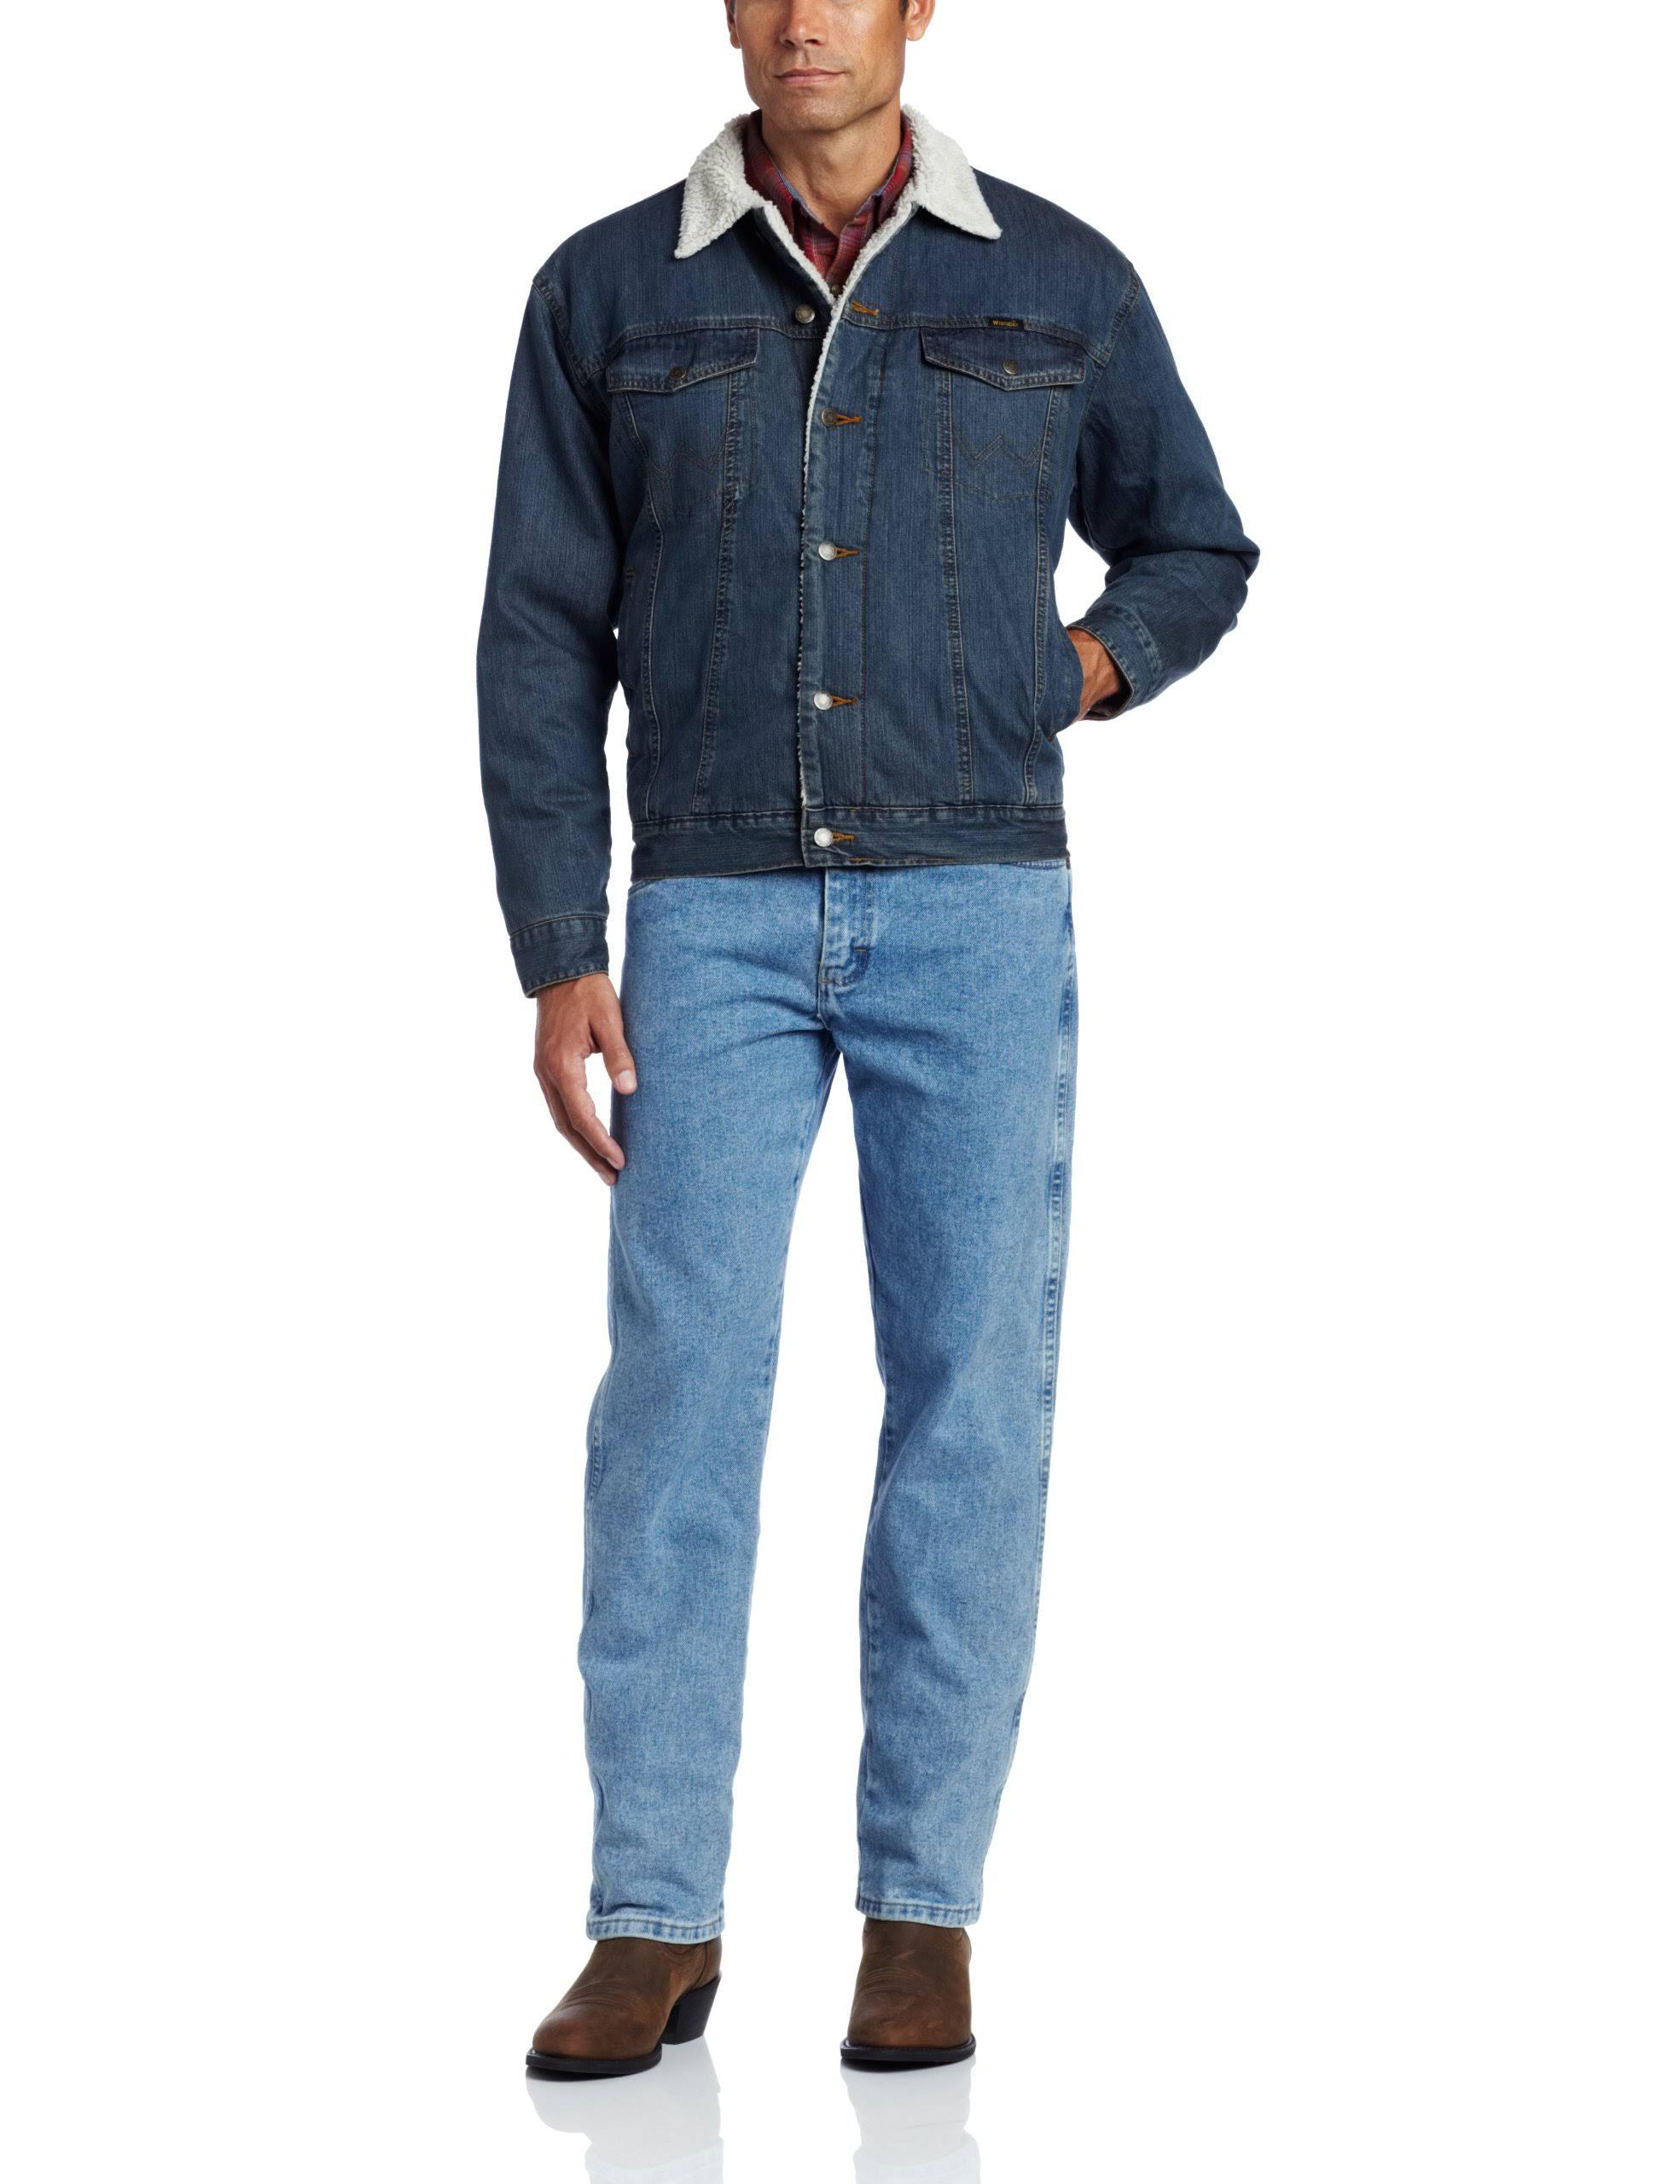 Hombre Forro 74256rt Sherpa Azul Para Wrangler Chaqueta De BfwUqx5X